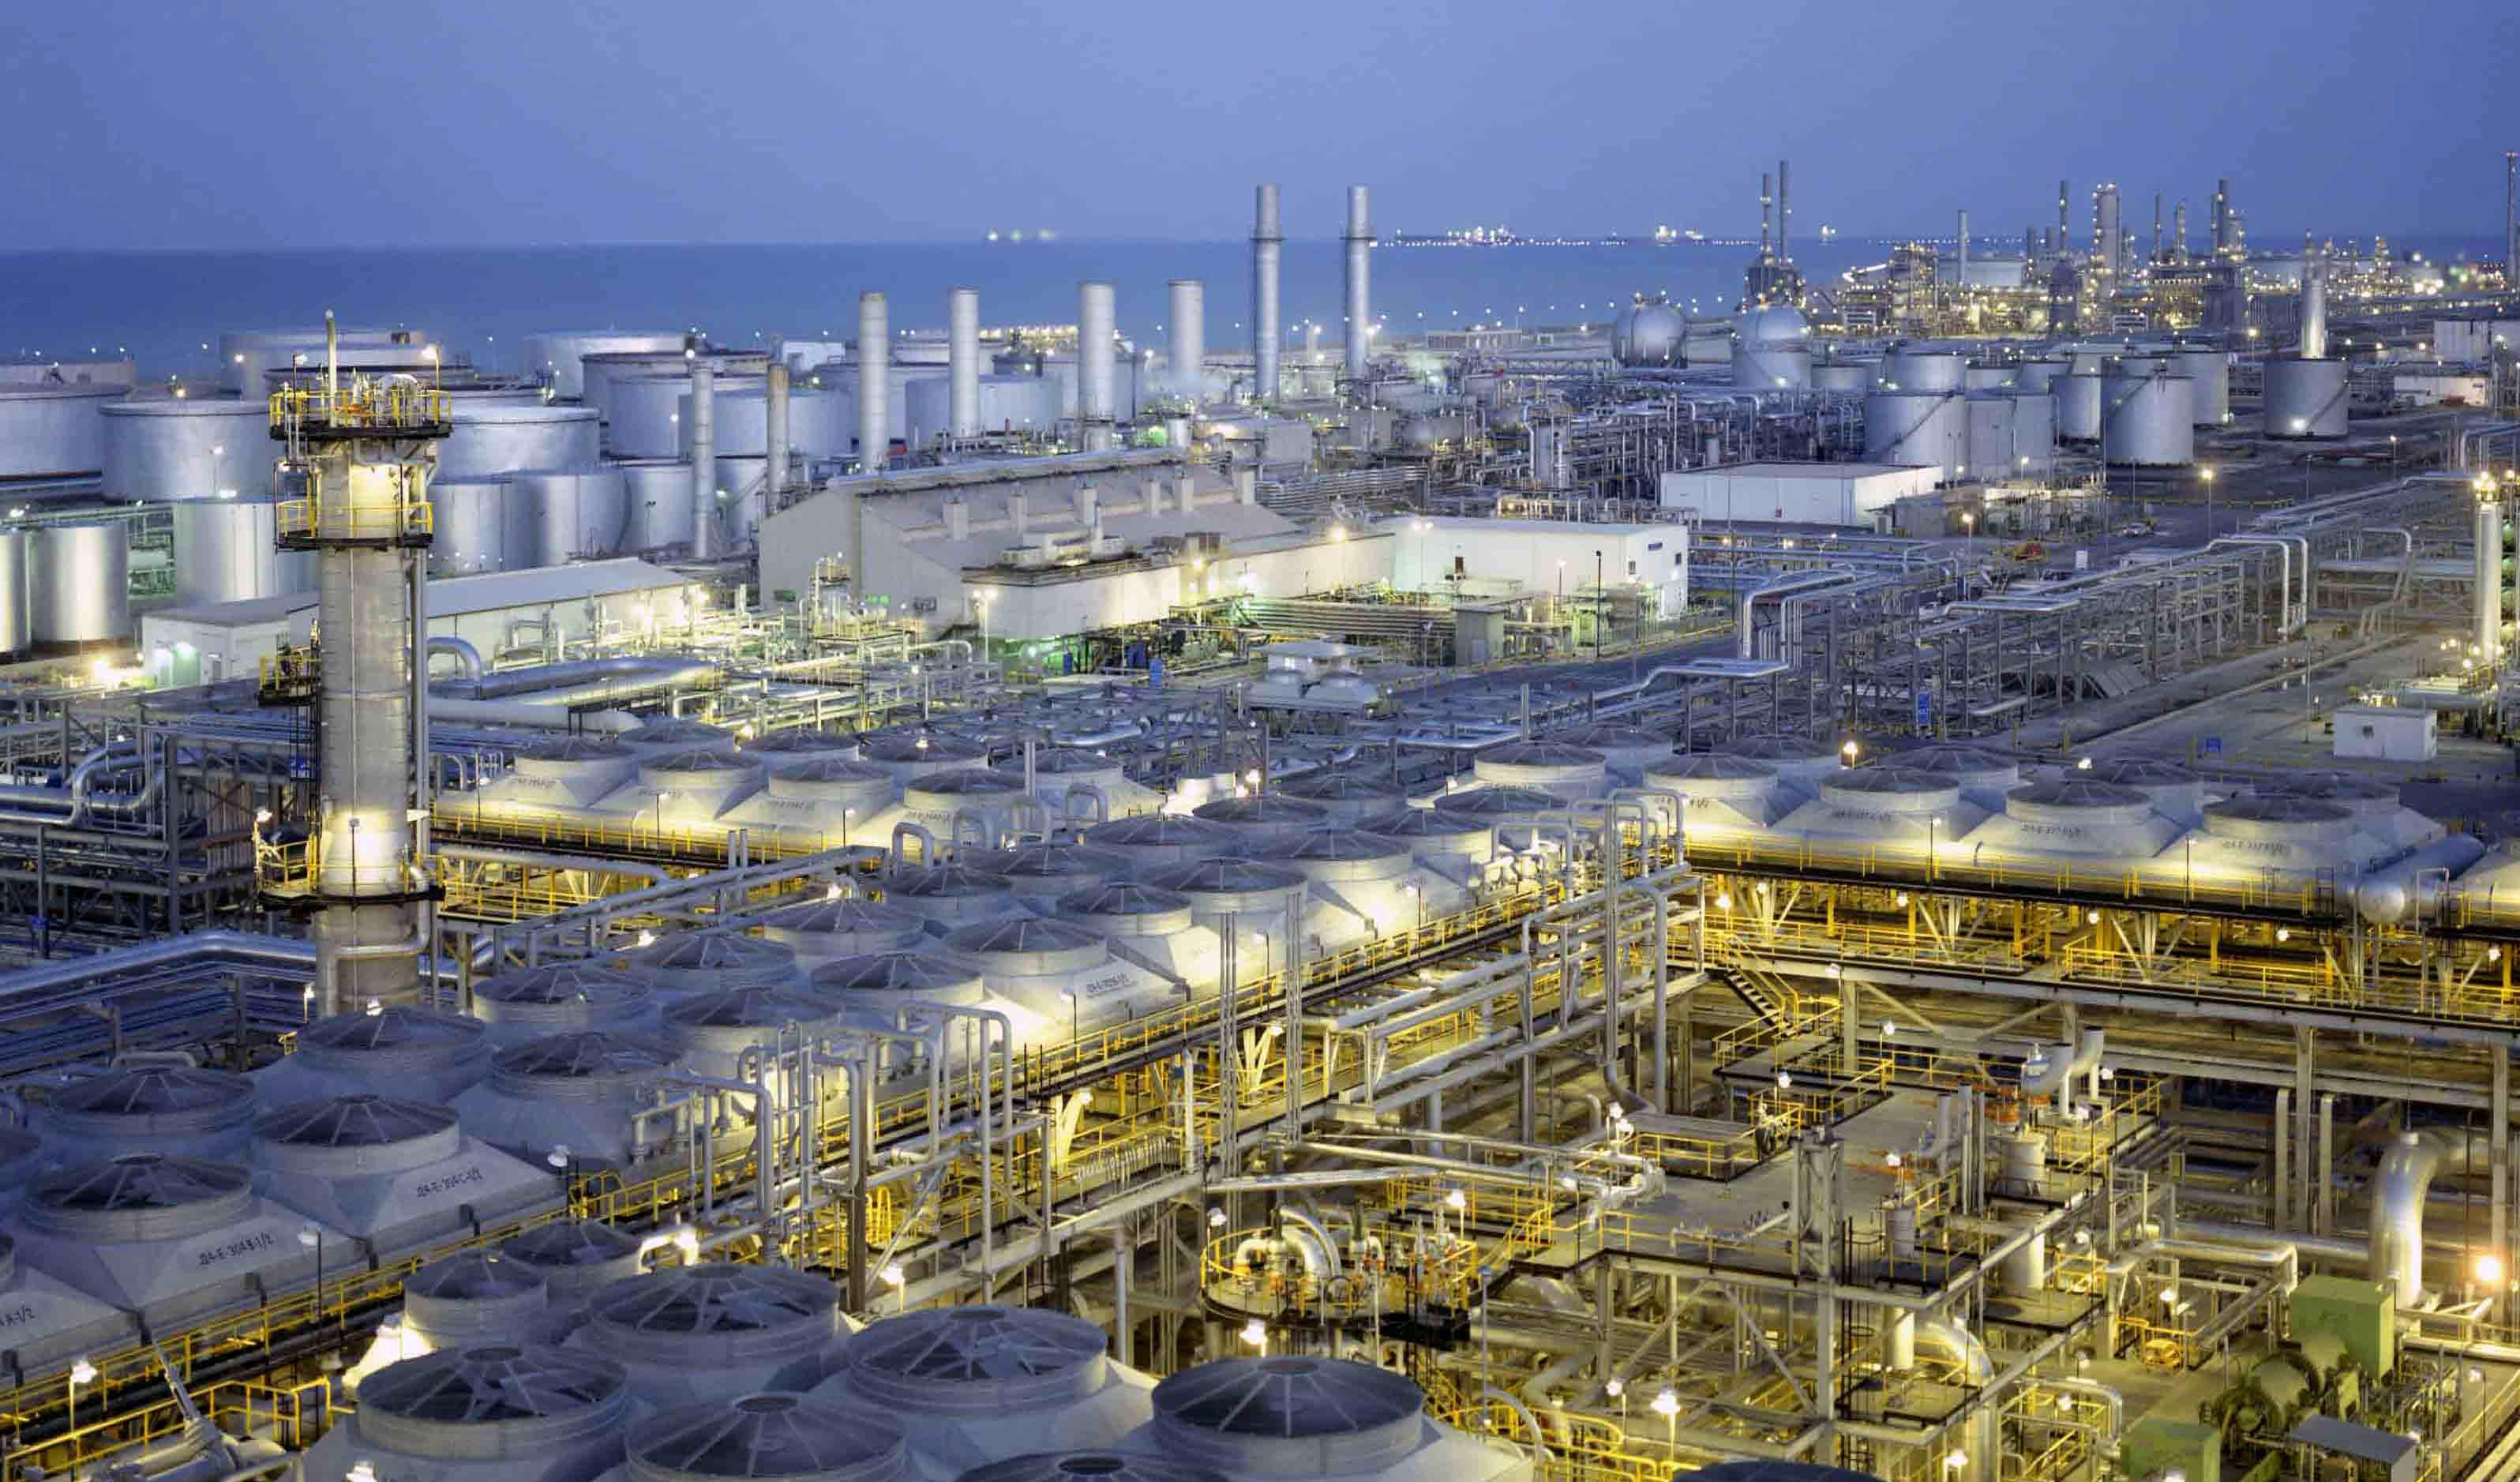 سرمایهگذاری ۱۱۰ میلیارد دلاری عربستان در یک میدان گازی